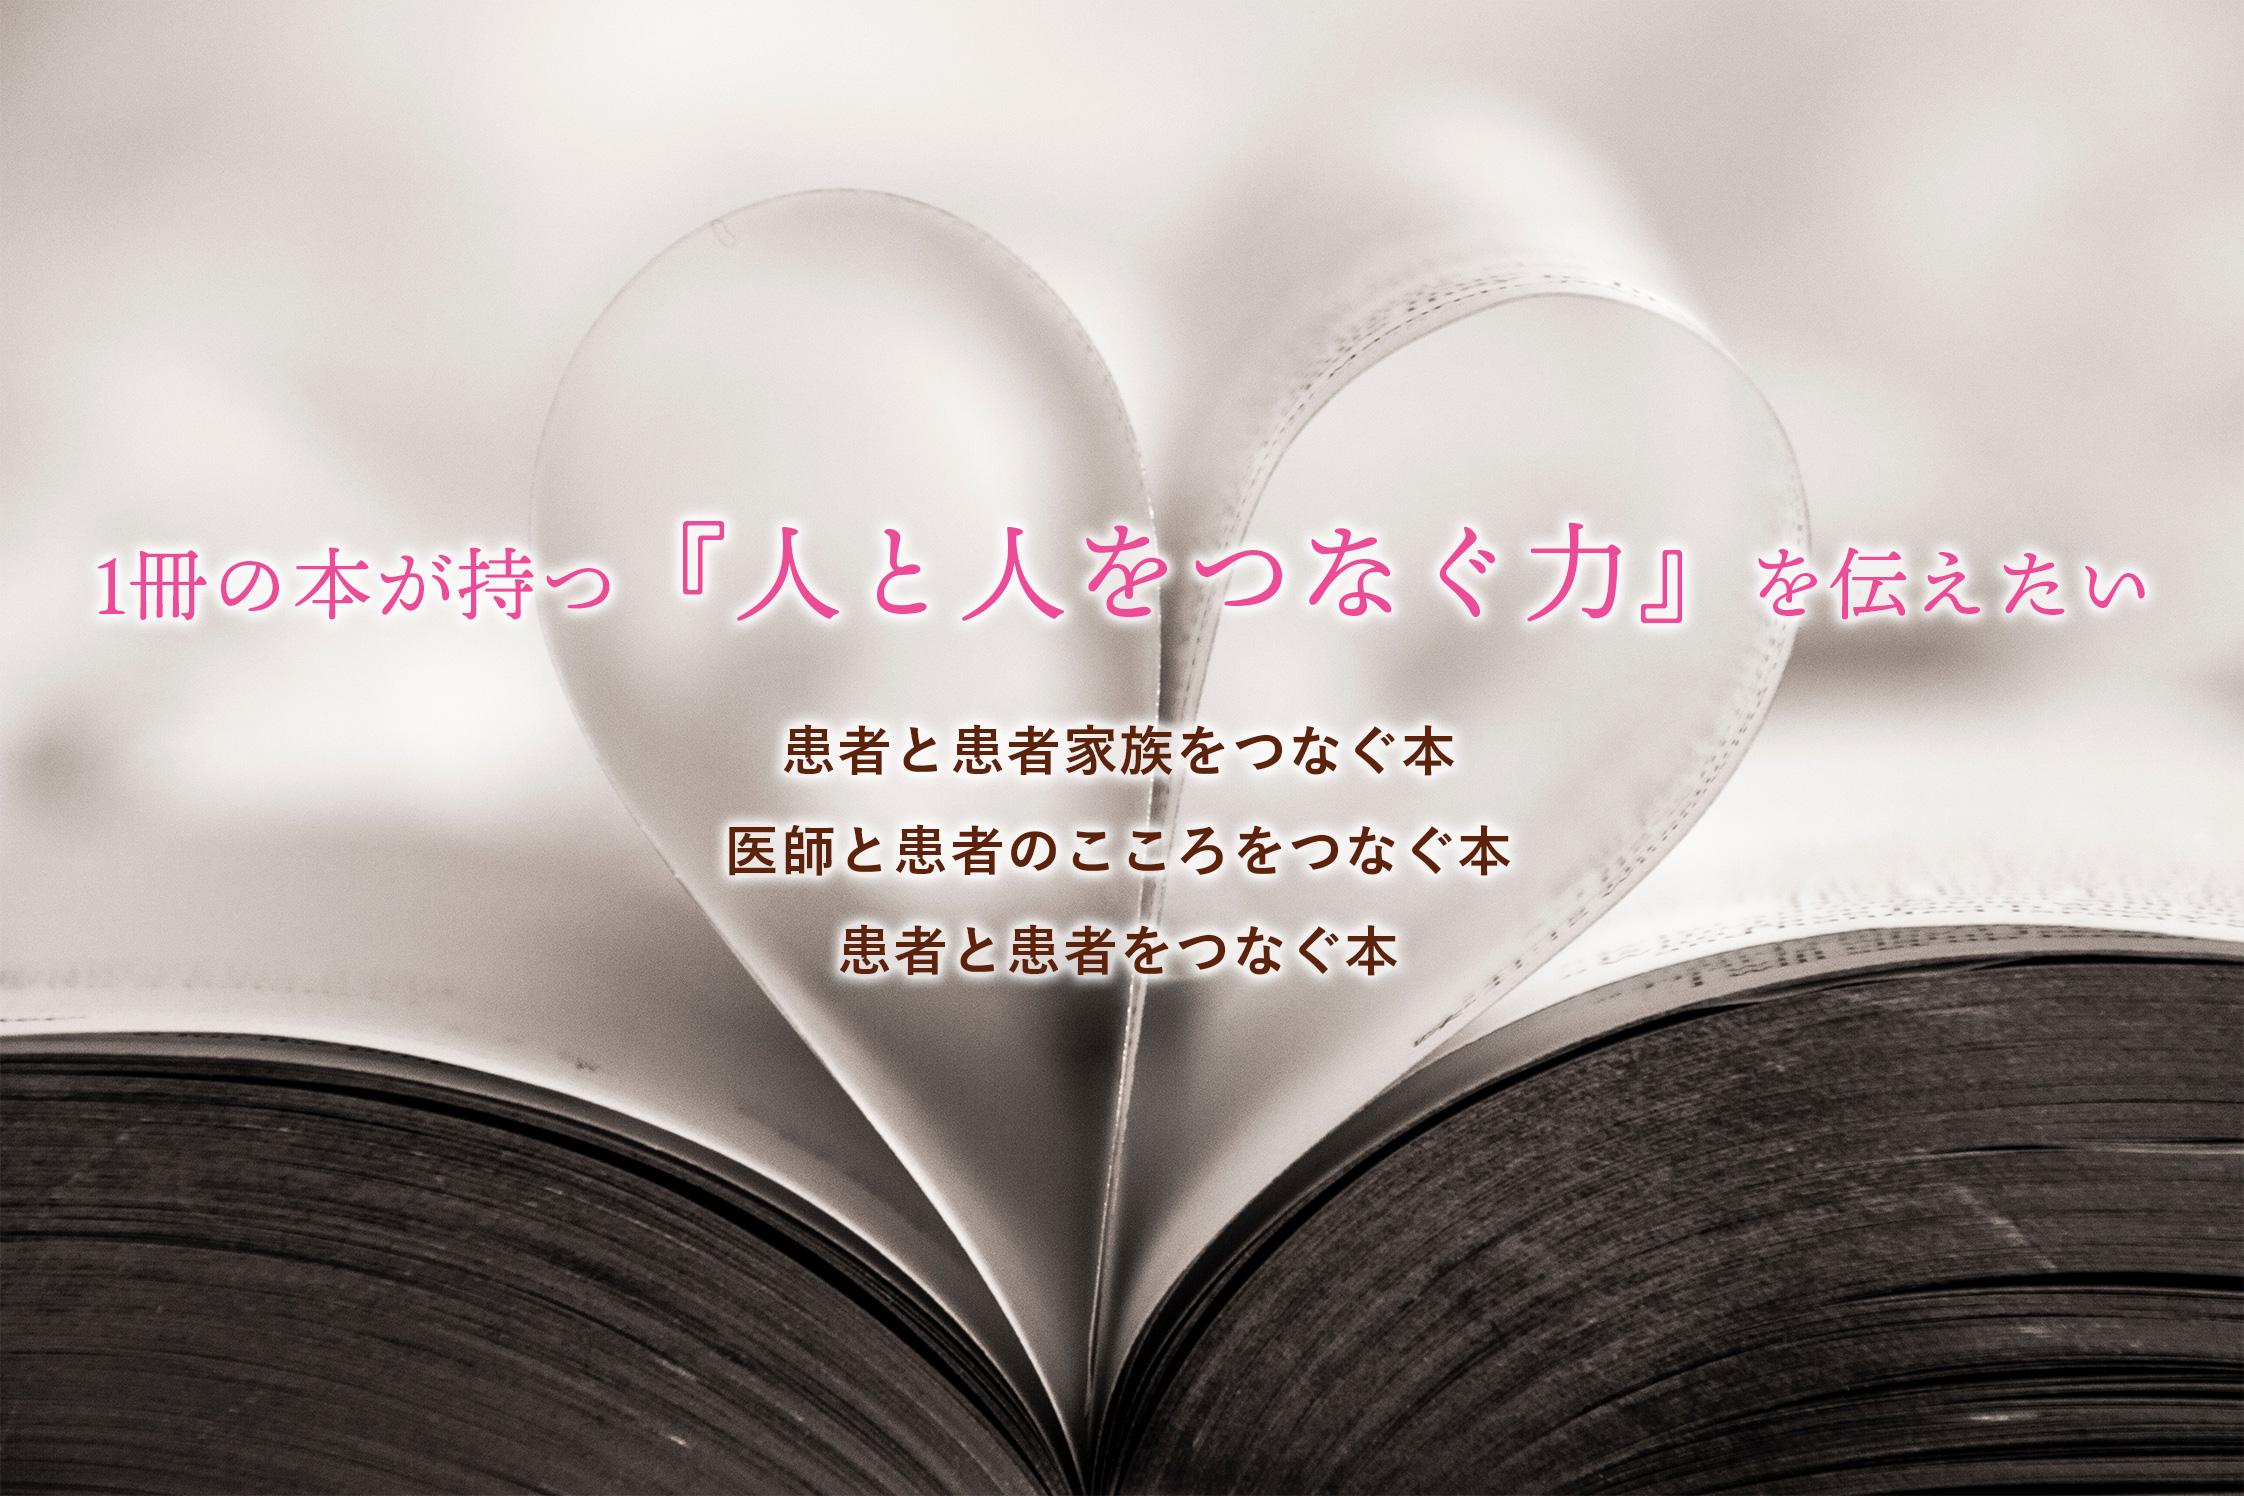 1冊の本が持つ『人と人をつなぐ力』を伝えたい